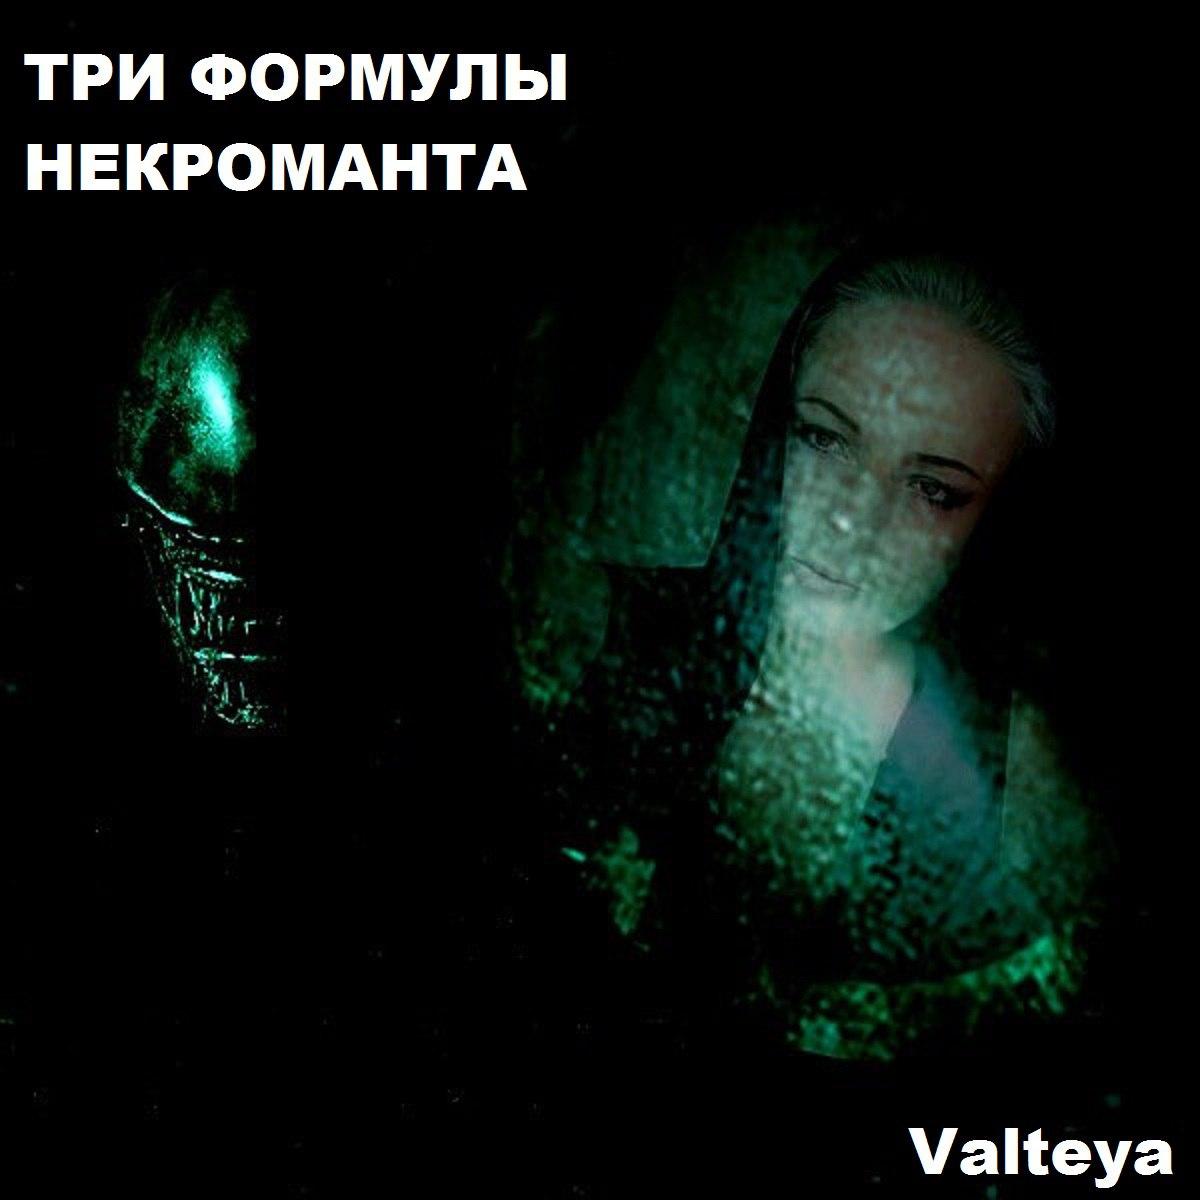 Хештег soothsayer на   Салон Магии и мистики Елены Руденко ( Валтеи ). Киев ,тел: 0506251562  _3d_fBxZTvI